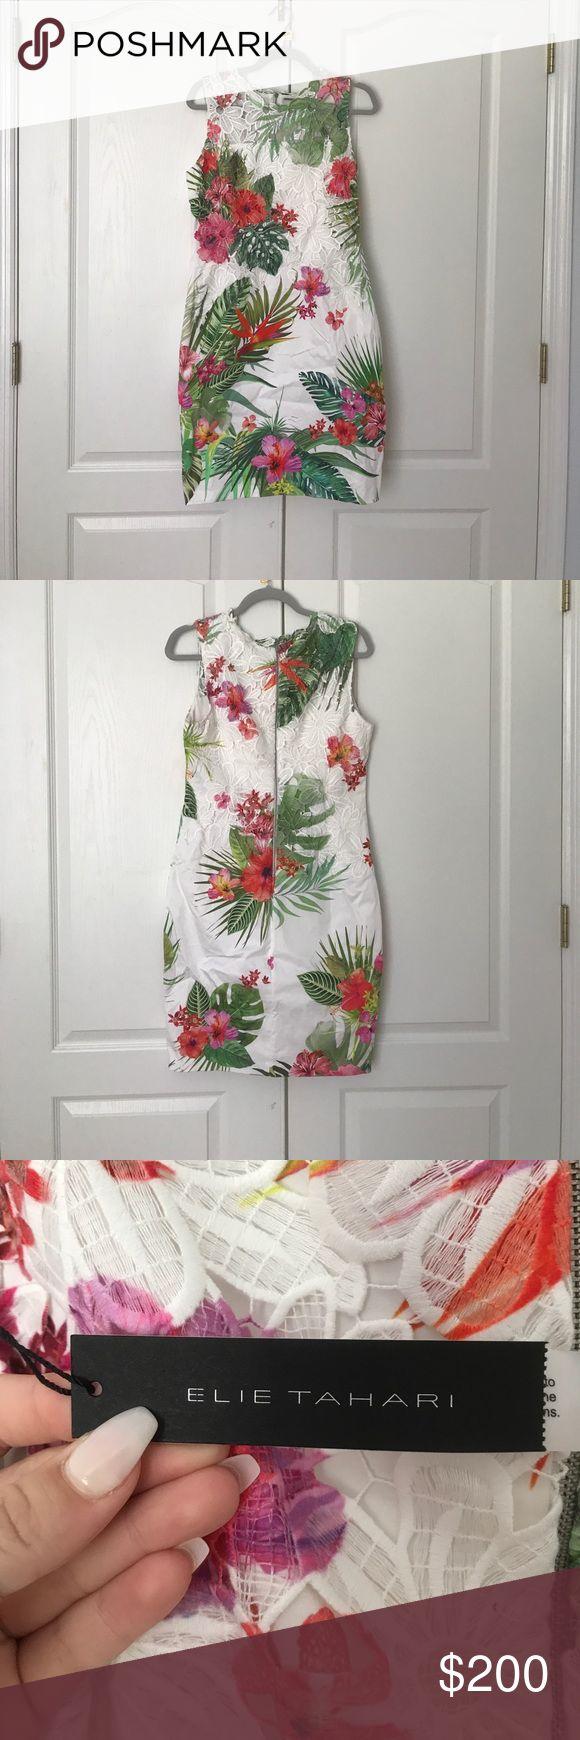 Elie Tahari Dress Elie Tahari floral dress Elie Tahari Dresses Midi